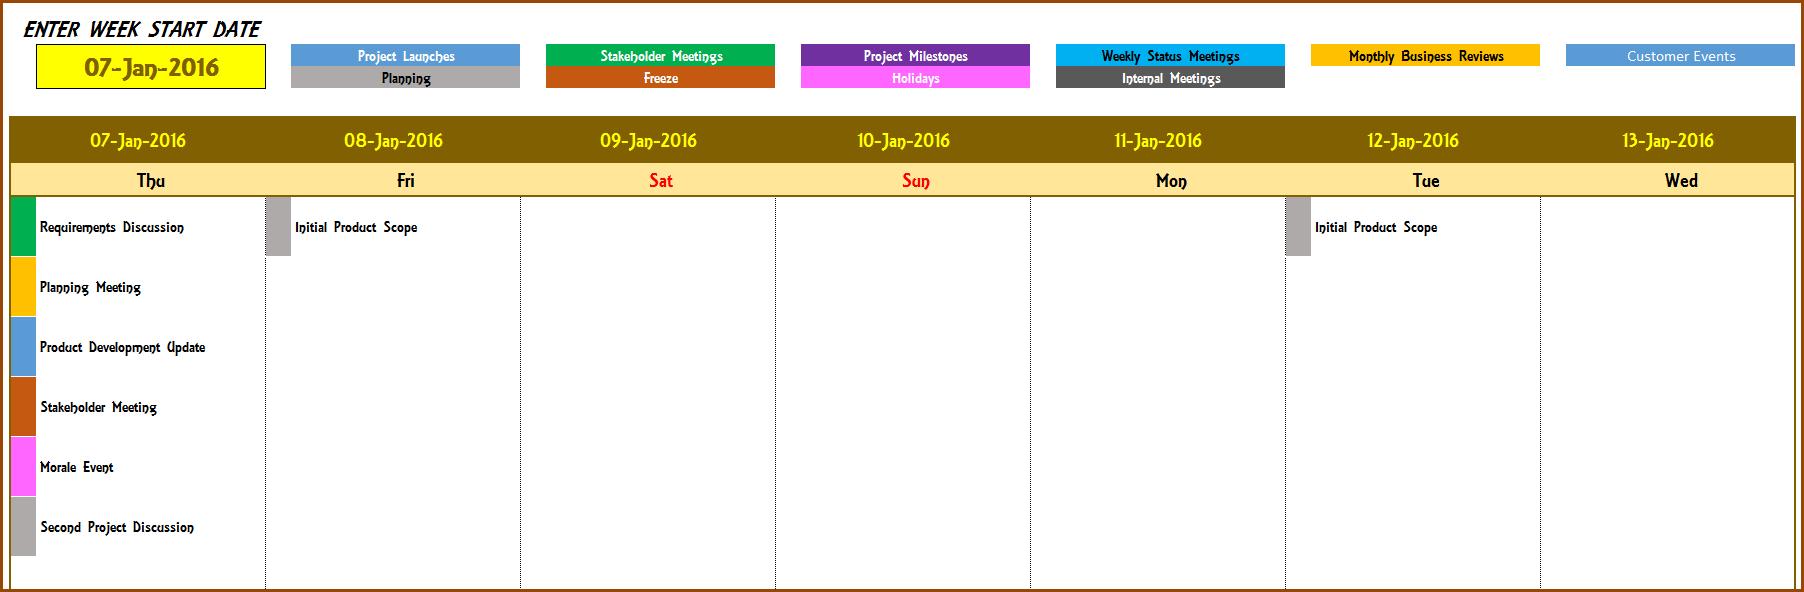 Event Calendar Maker Excel Template V3 - Support 5 Day Calendar Excel